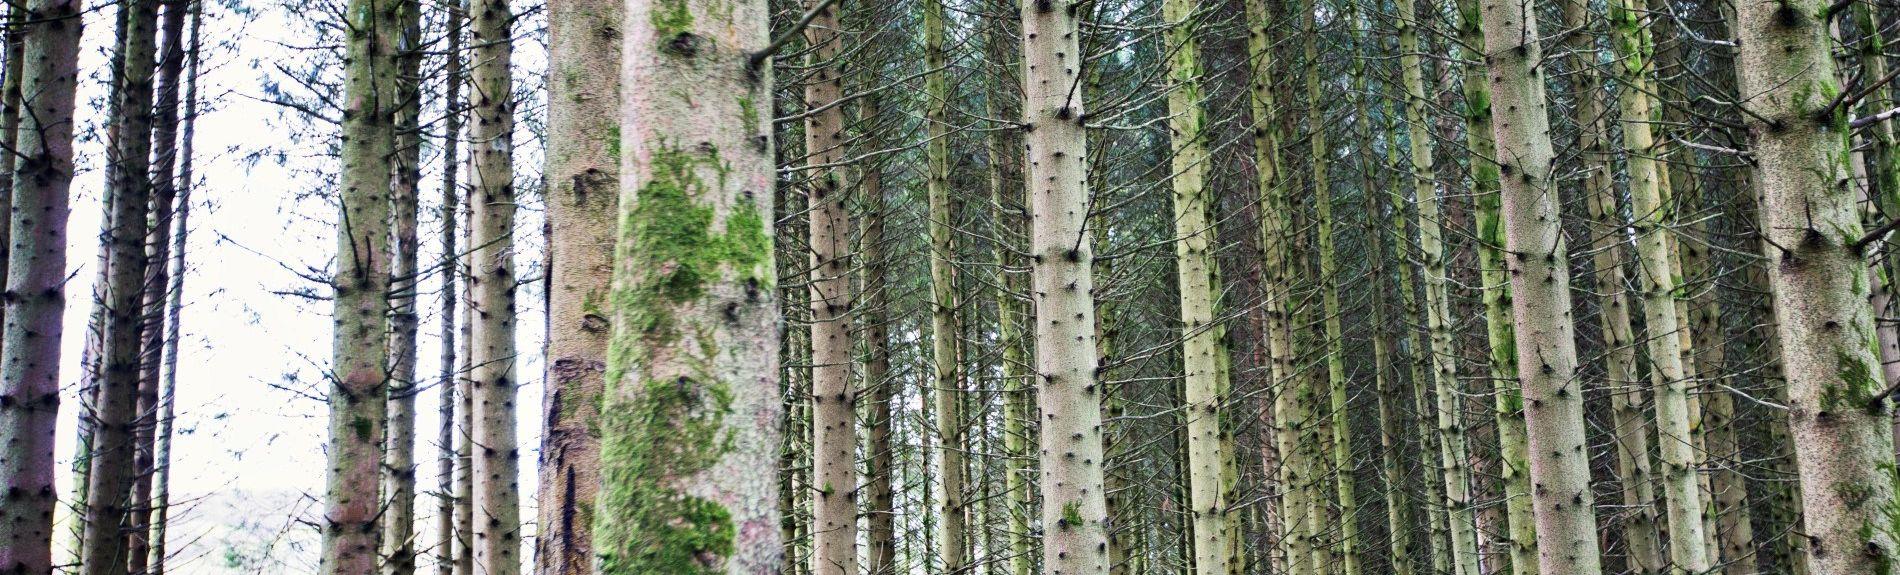 Llanafan-fawr, Builth Wells, Powys, UK